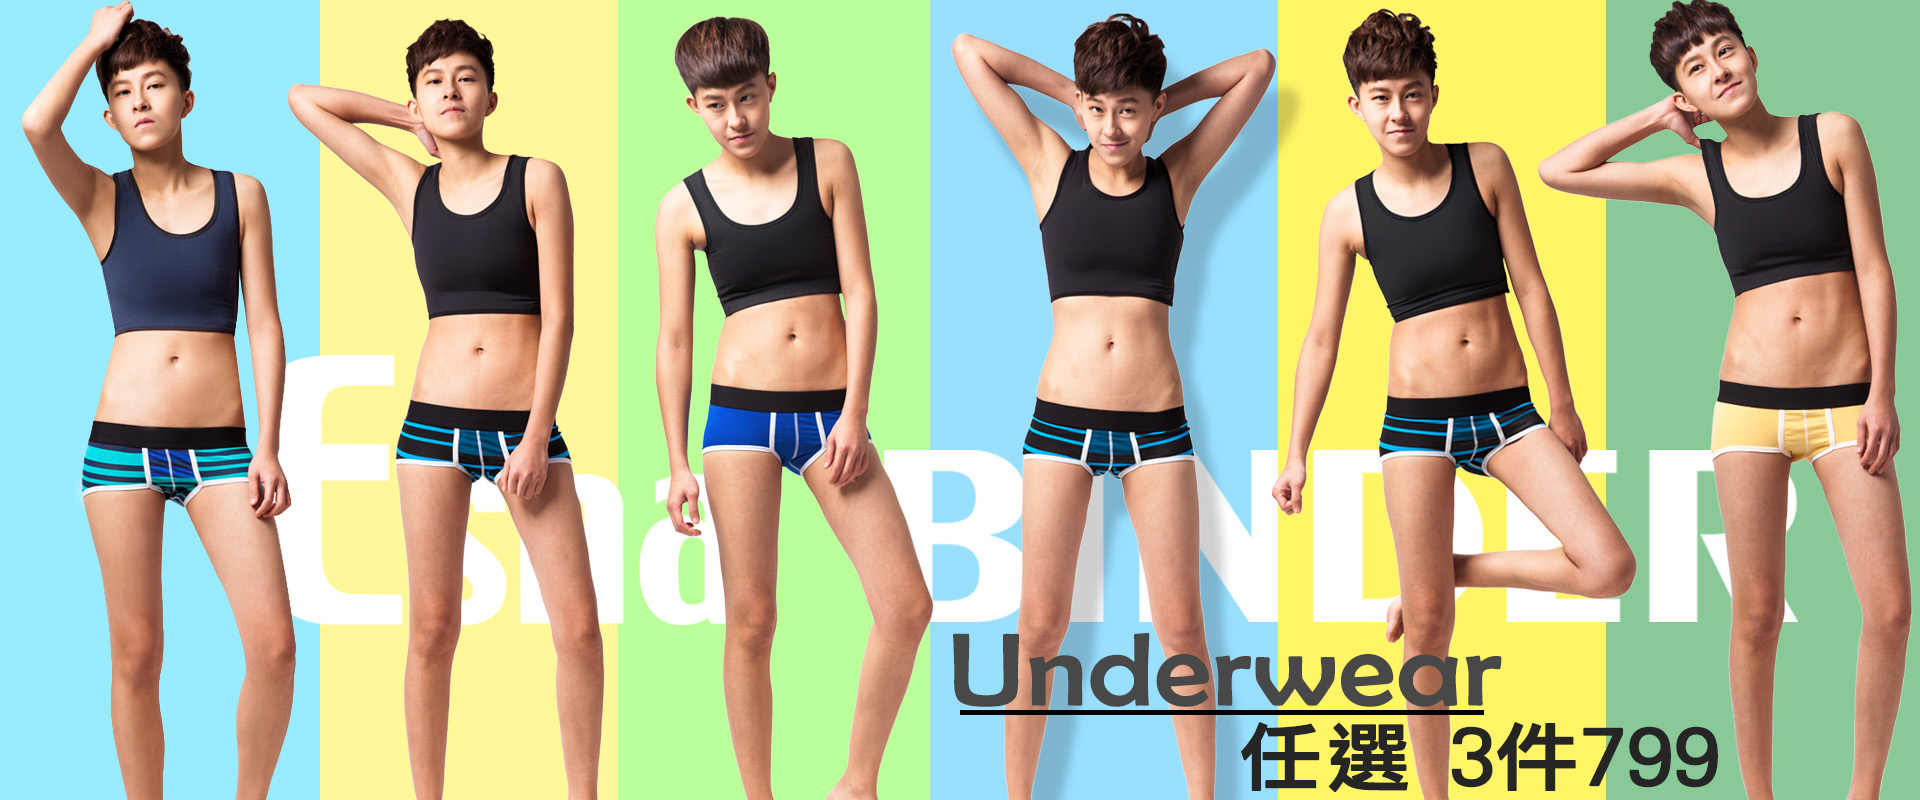 Esha束胸-黑腰代系列內褲3件799